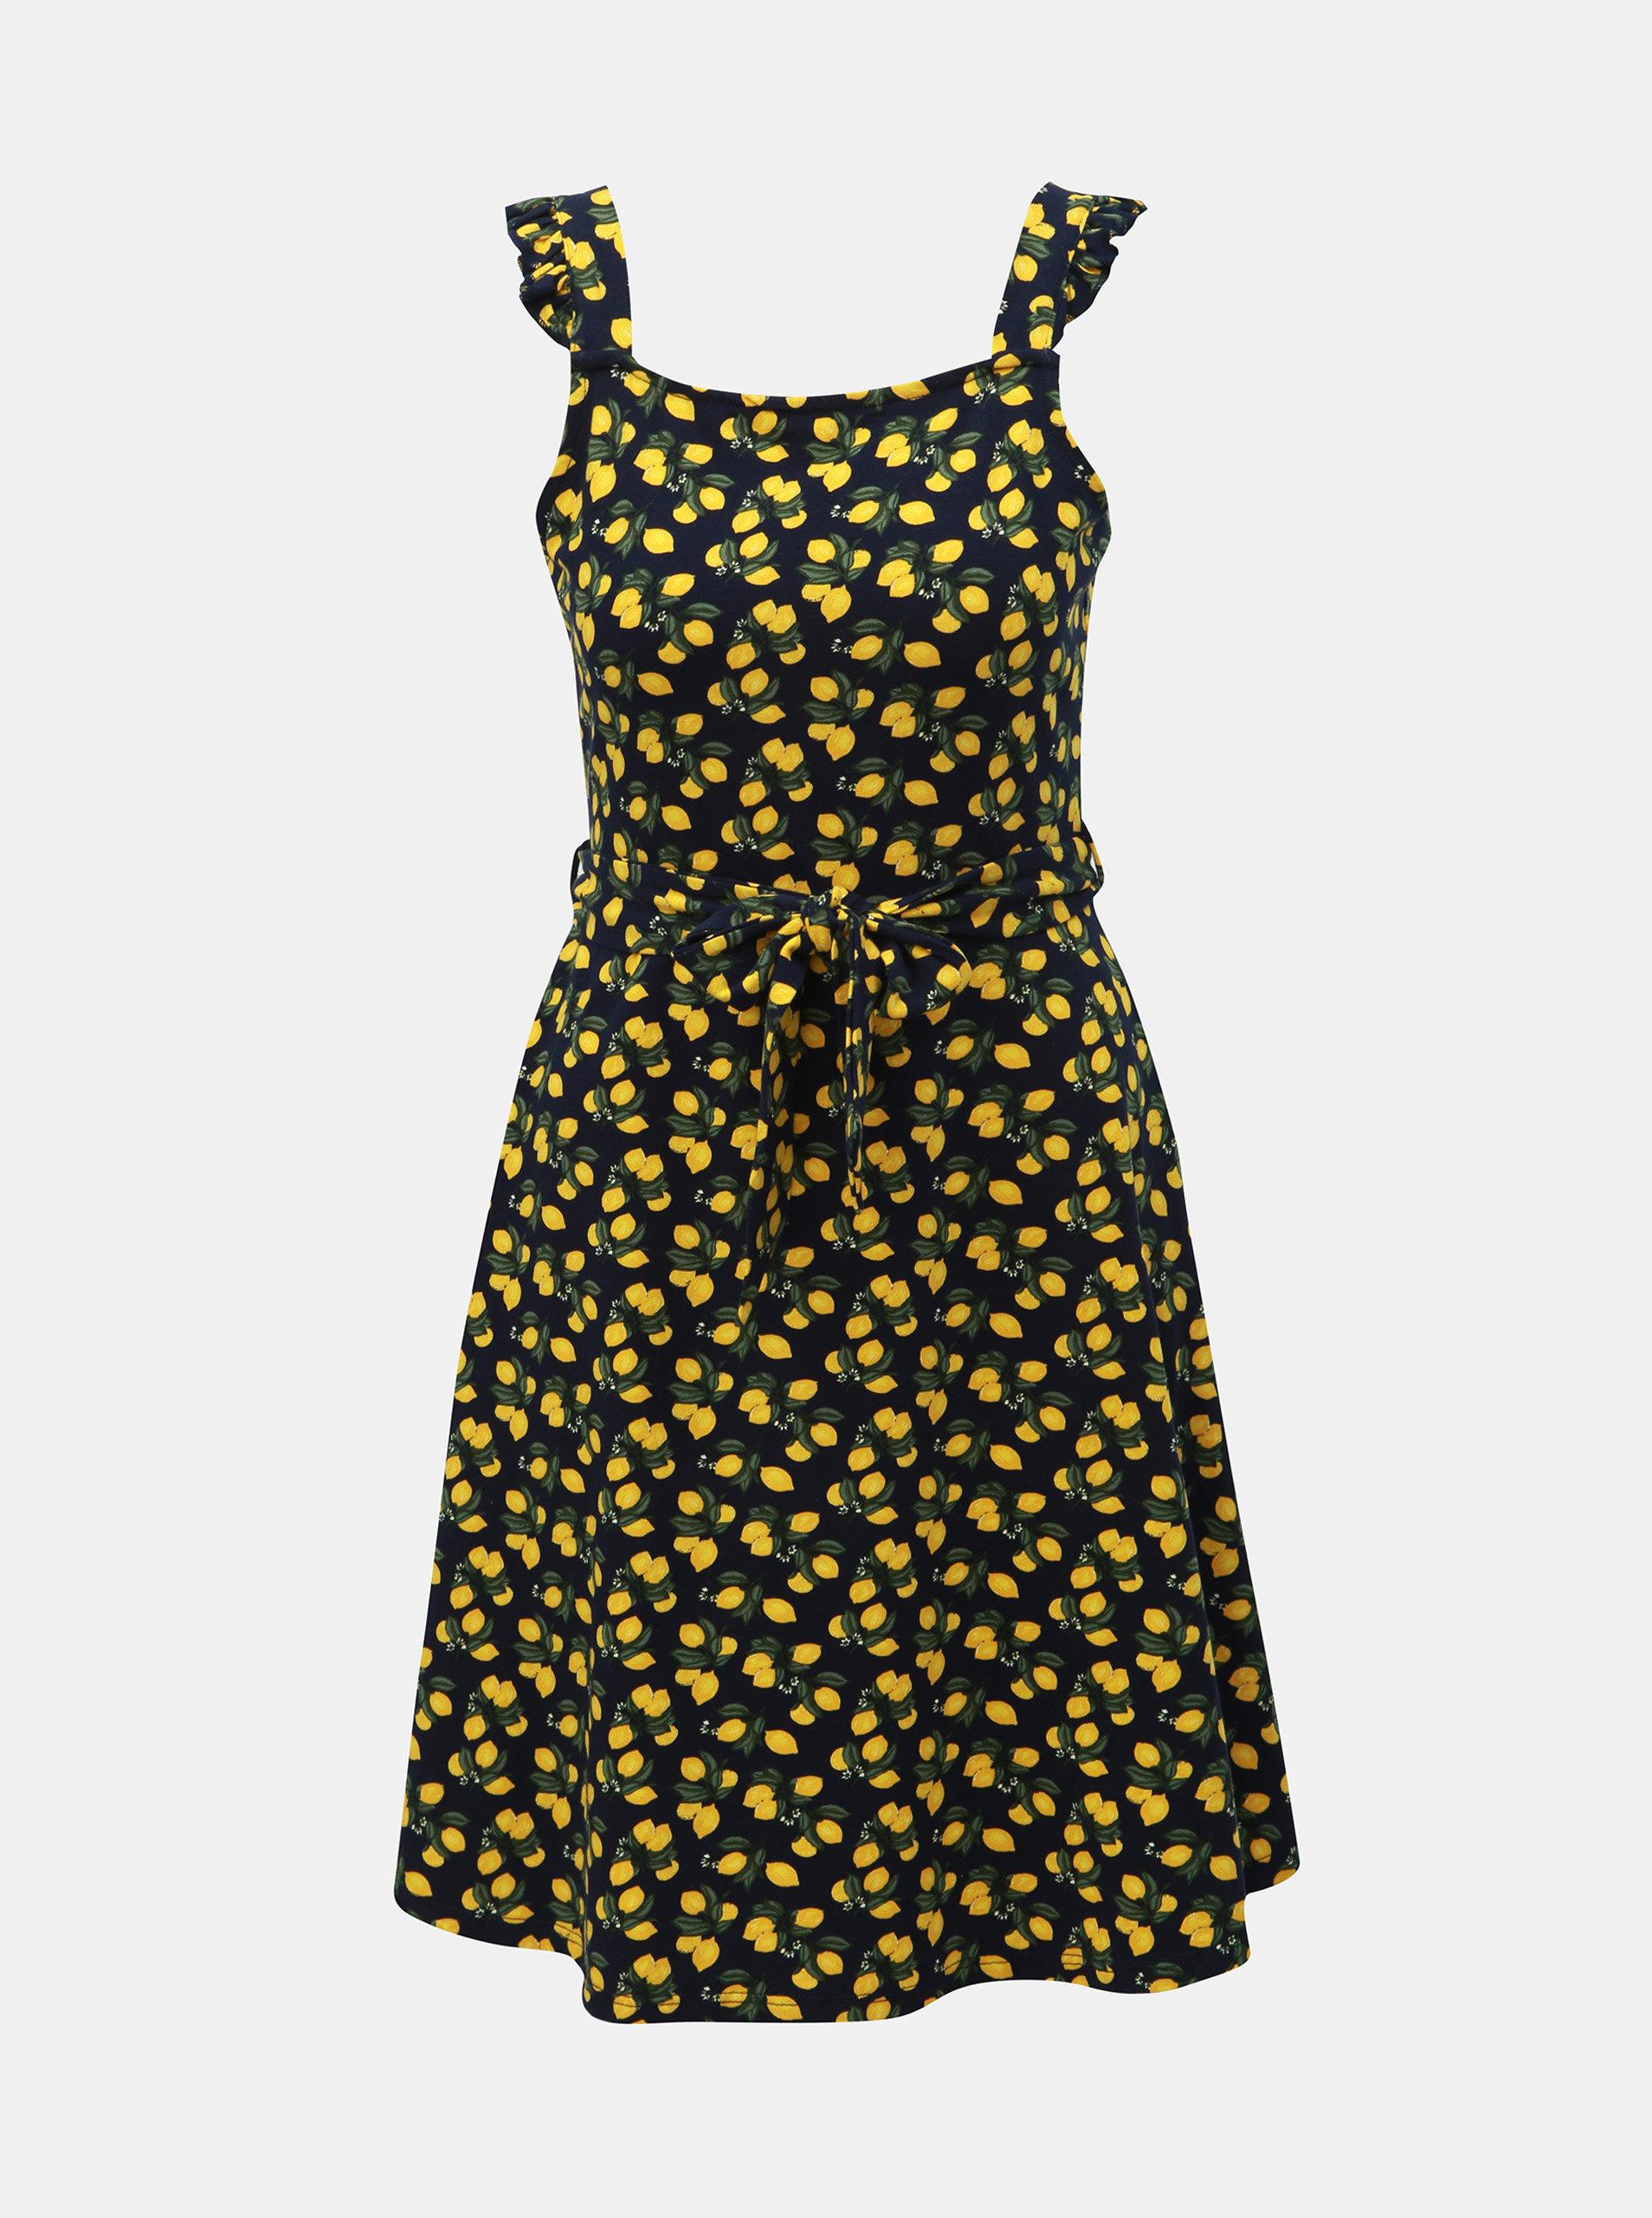 7d341b9114f3 Tmavomodré šaty s motívom citrónov Dorothy Perkins ...